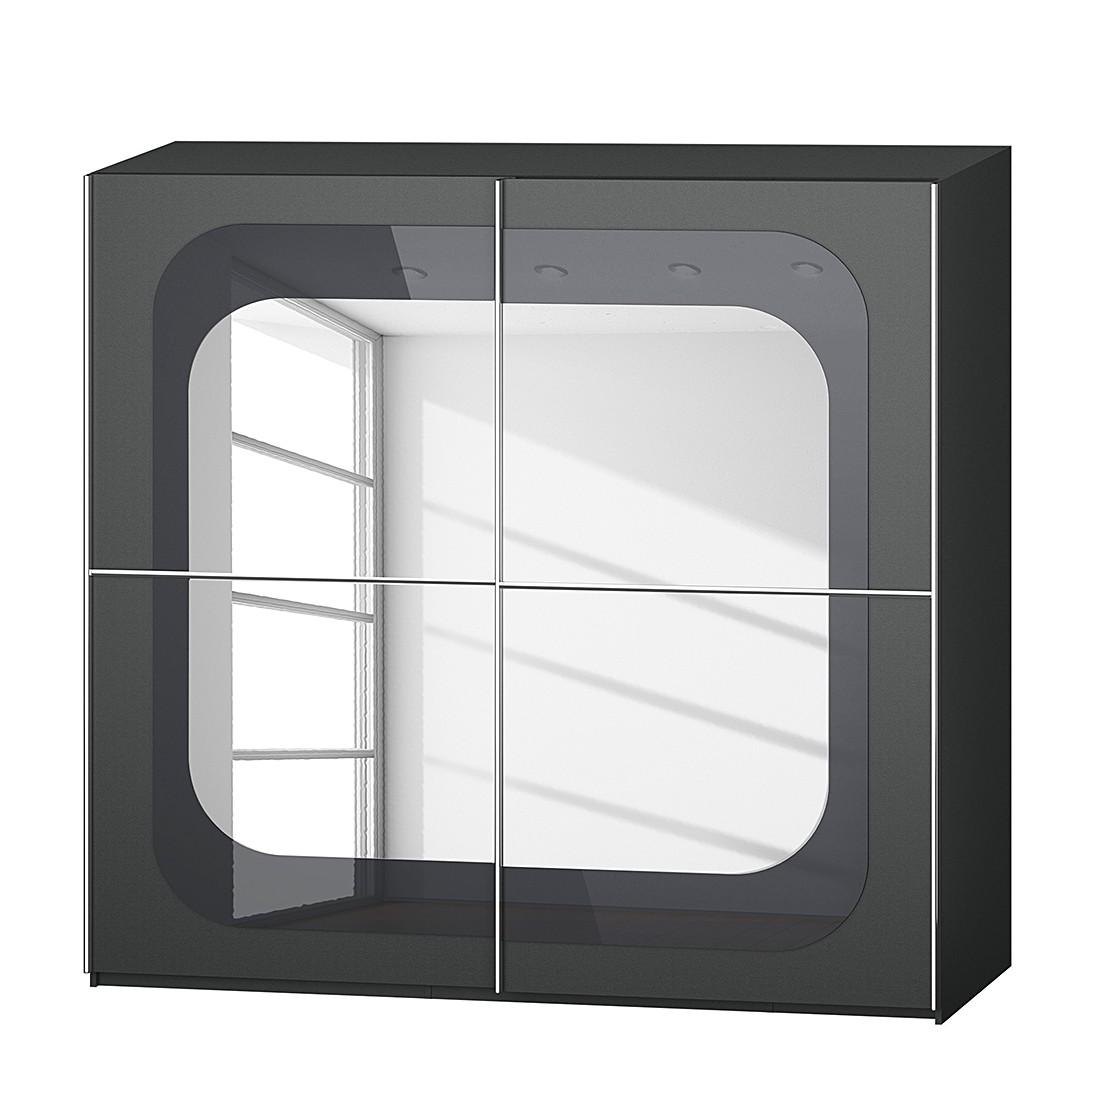 goedkoop Schuifdeurkast Lumos Grafietkleurig basalt 226cm 2 deurs 236cm Rauch Dialog